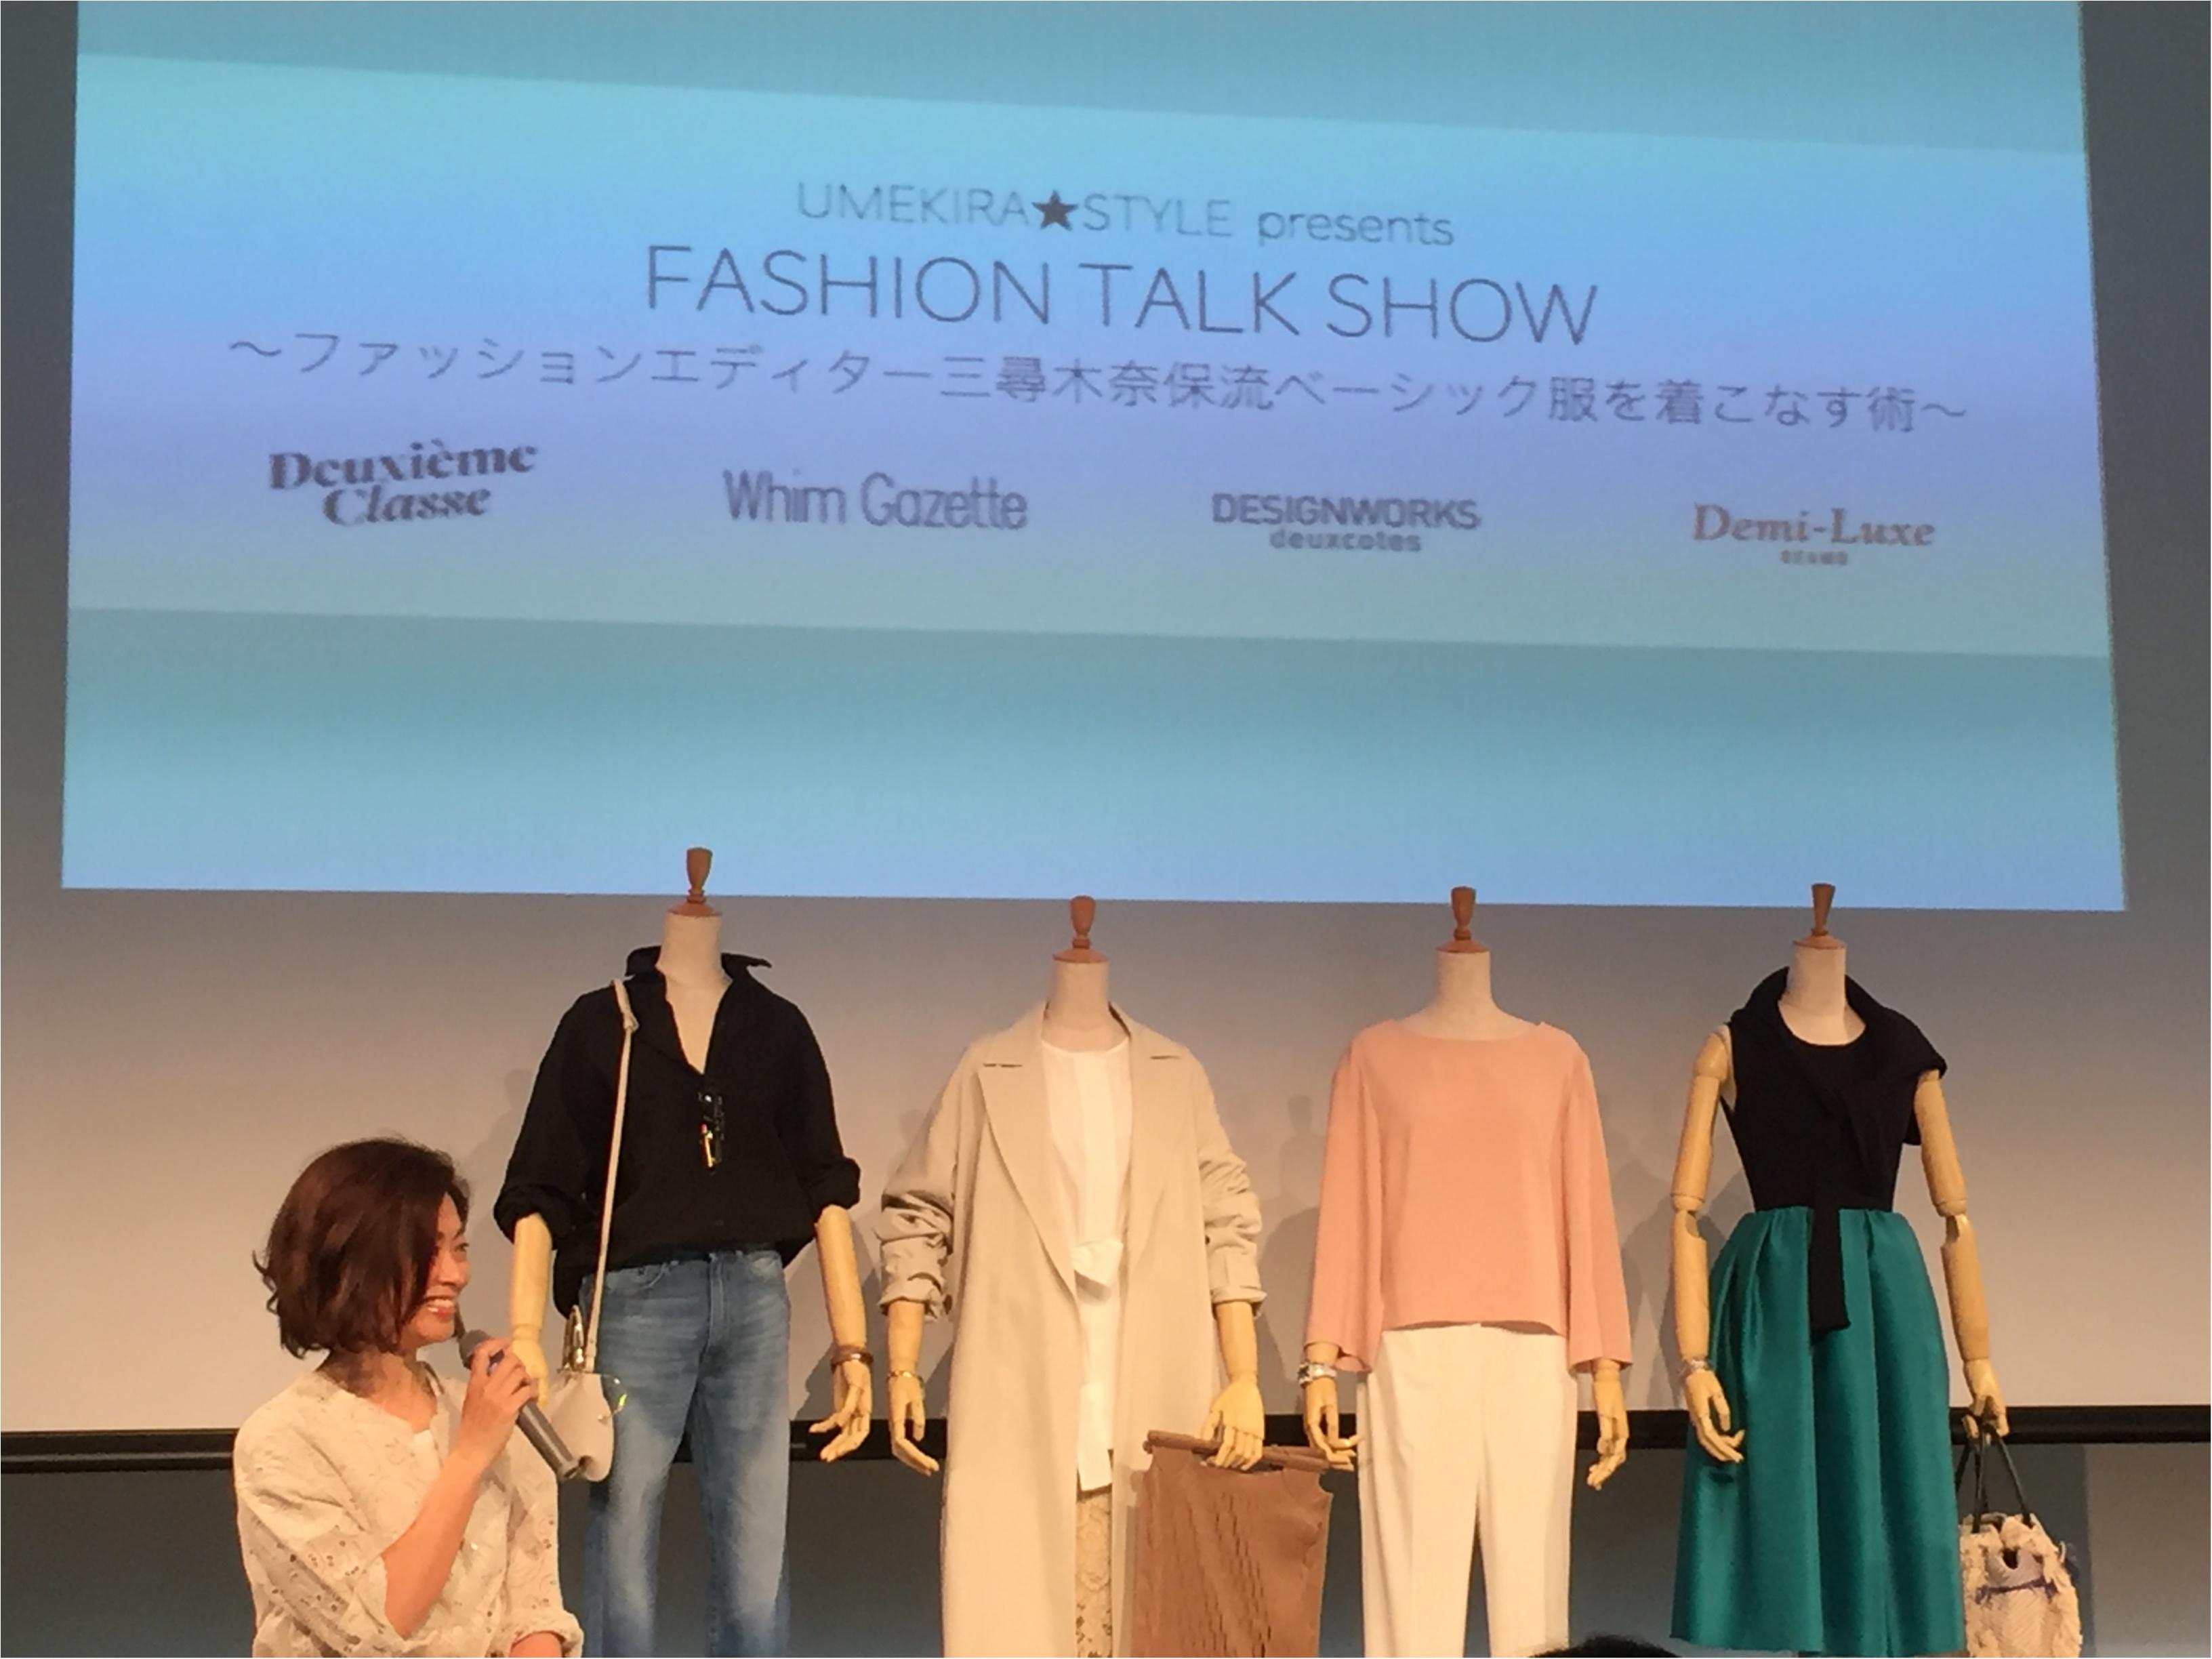 「ベーシック服をおしゃれに着こなす術」を学ぶ!グランフロント大阪で、キラめくワタシをプロデュースしよう!_1